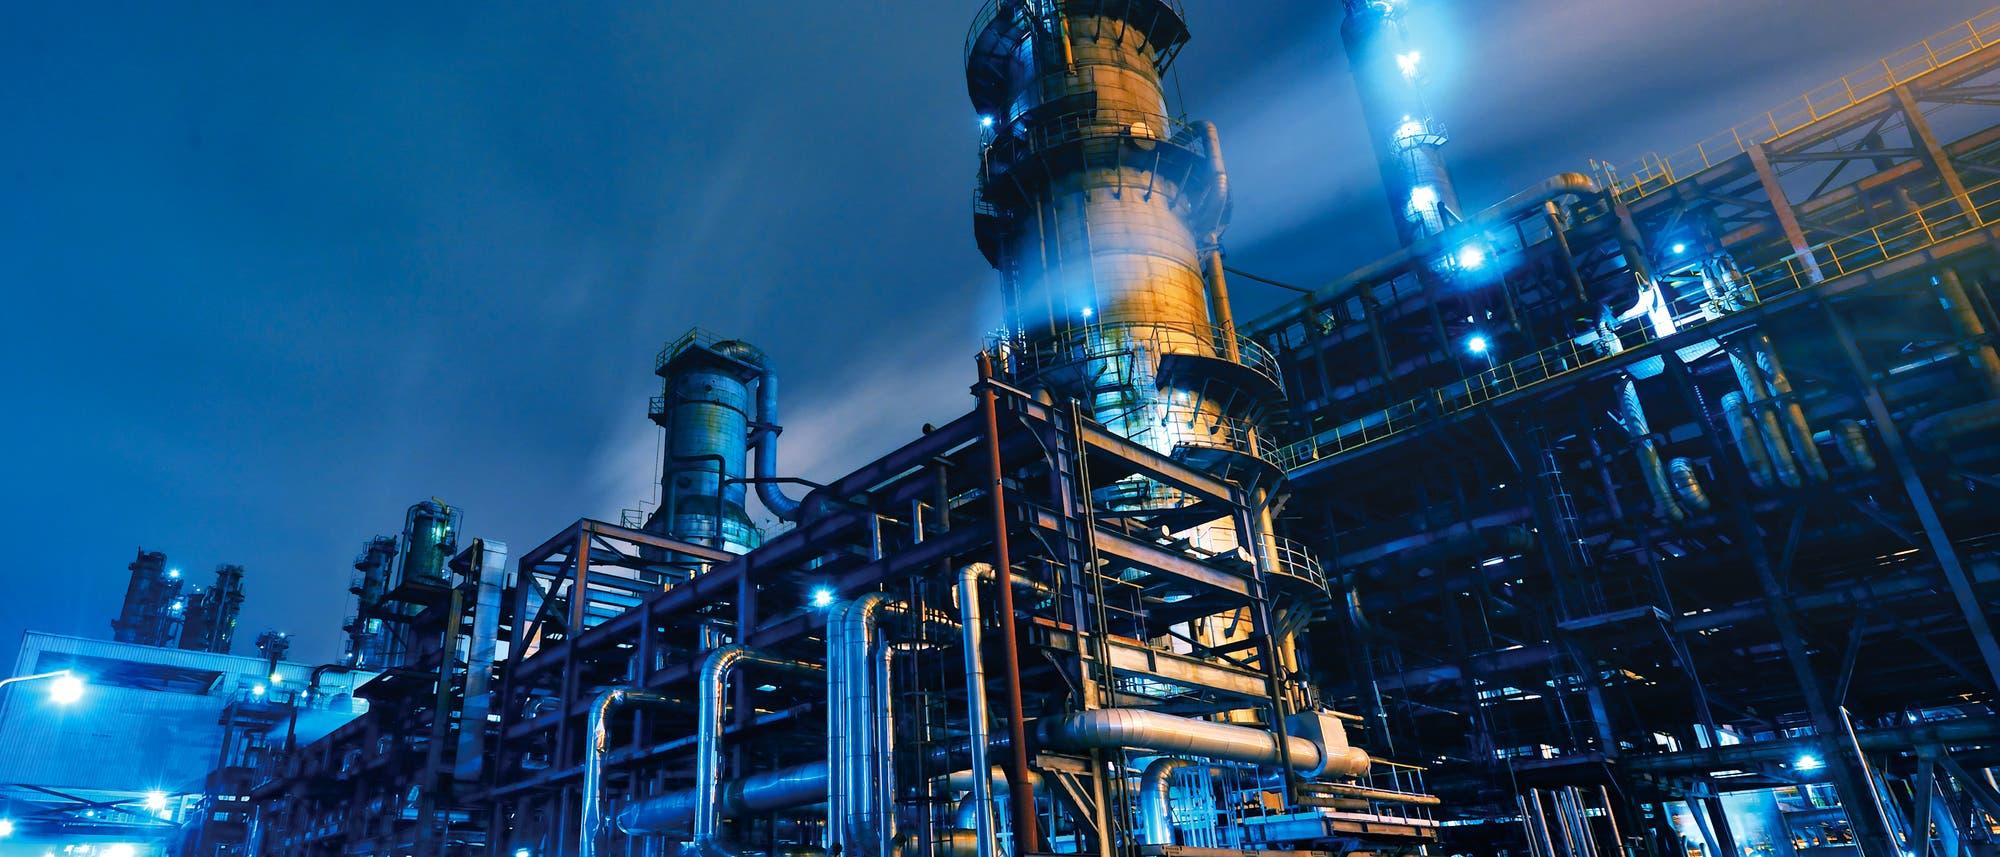 Ein blau erleuchtetes Raffineriegebäude mit vielen Rohrleitungen und dergleichen.